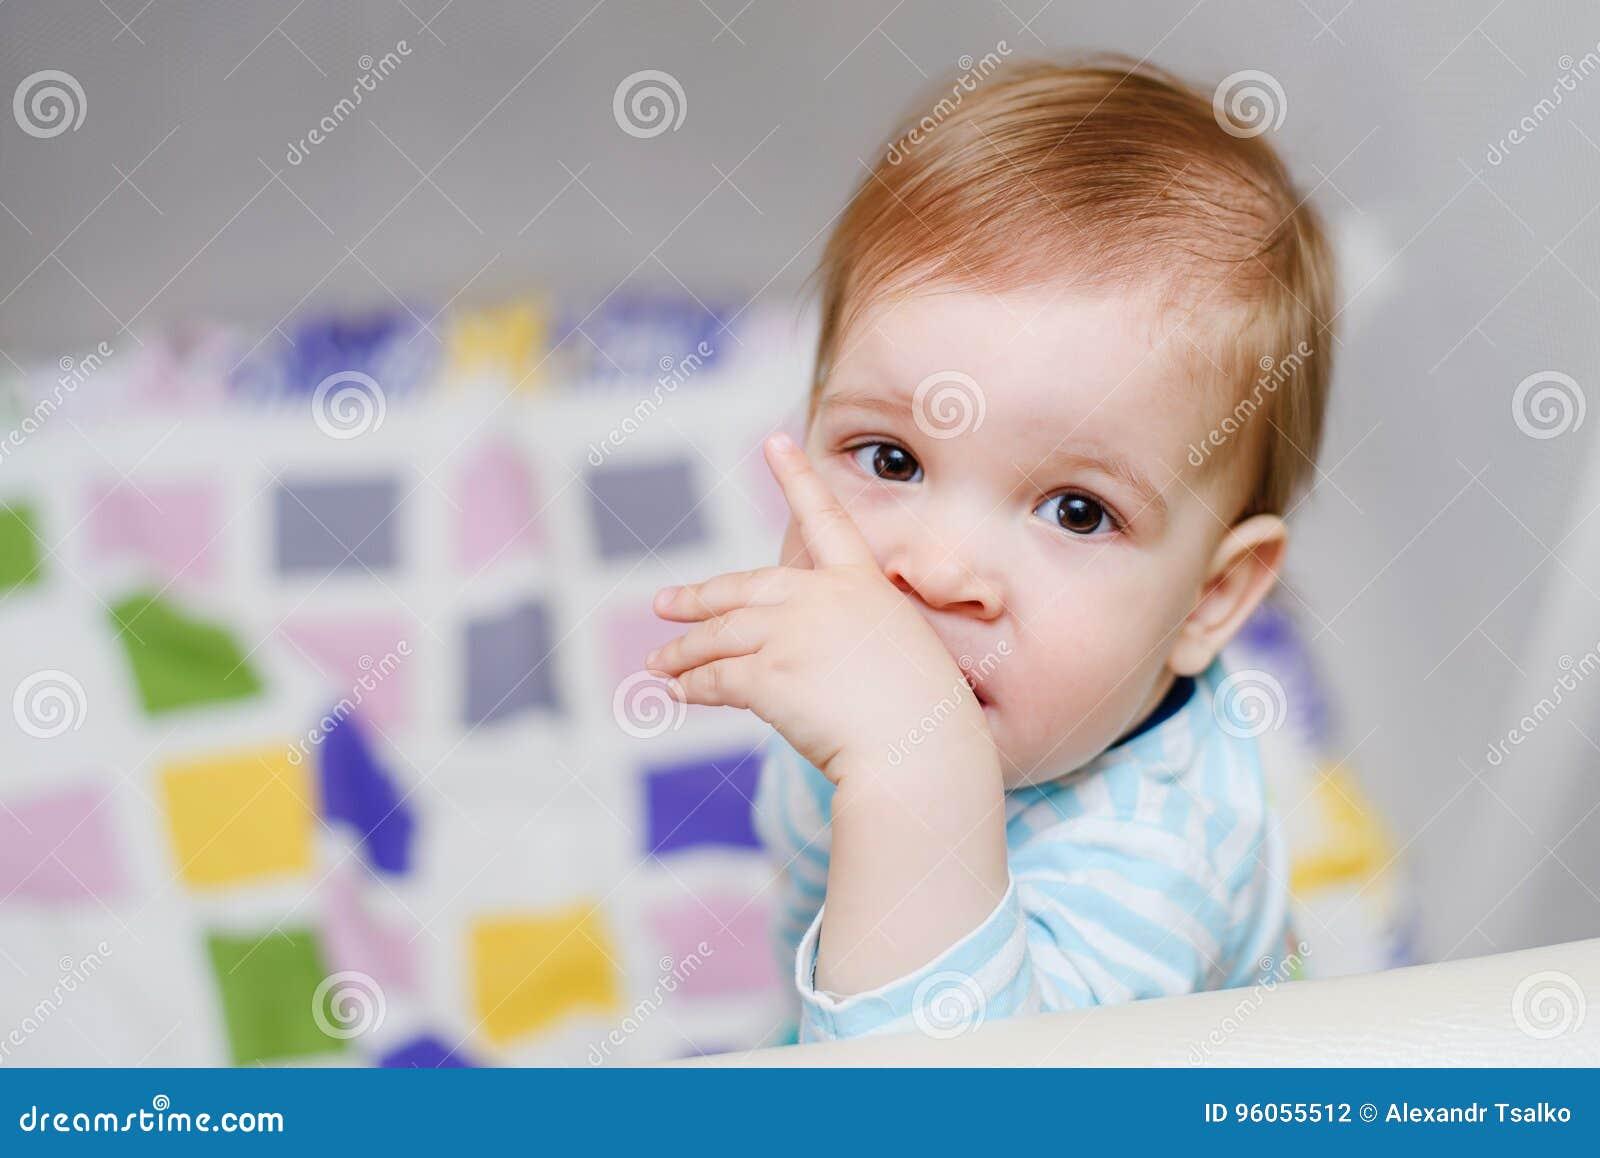 Un enfant an s assied dans une arène